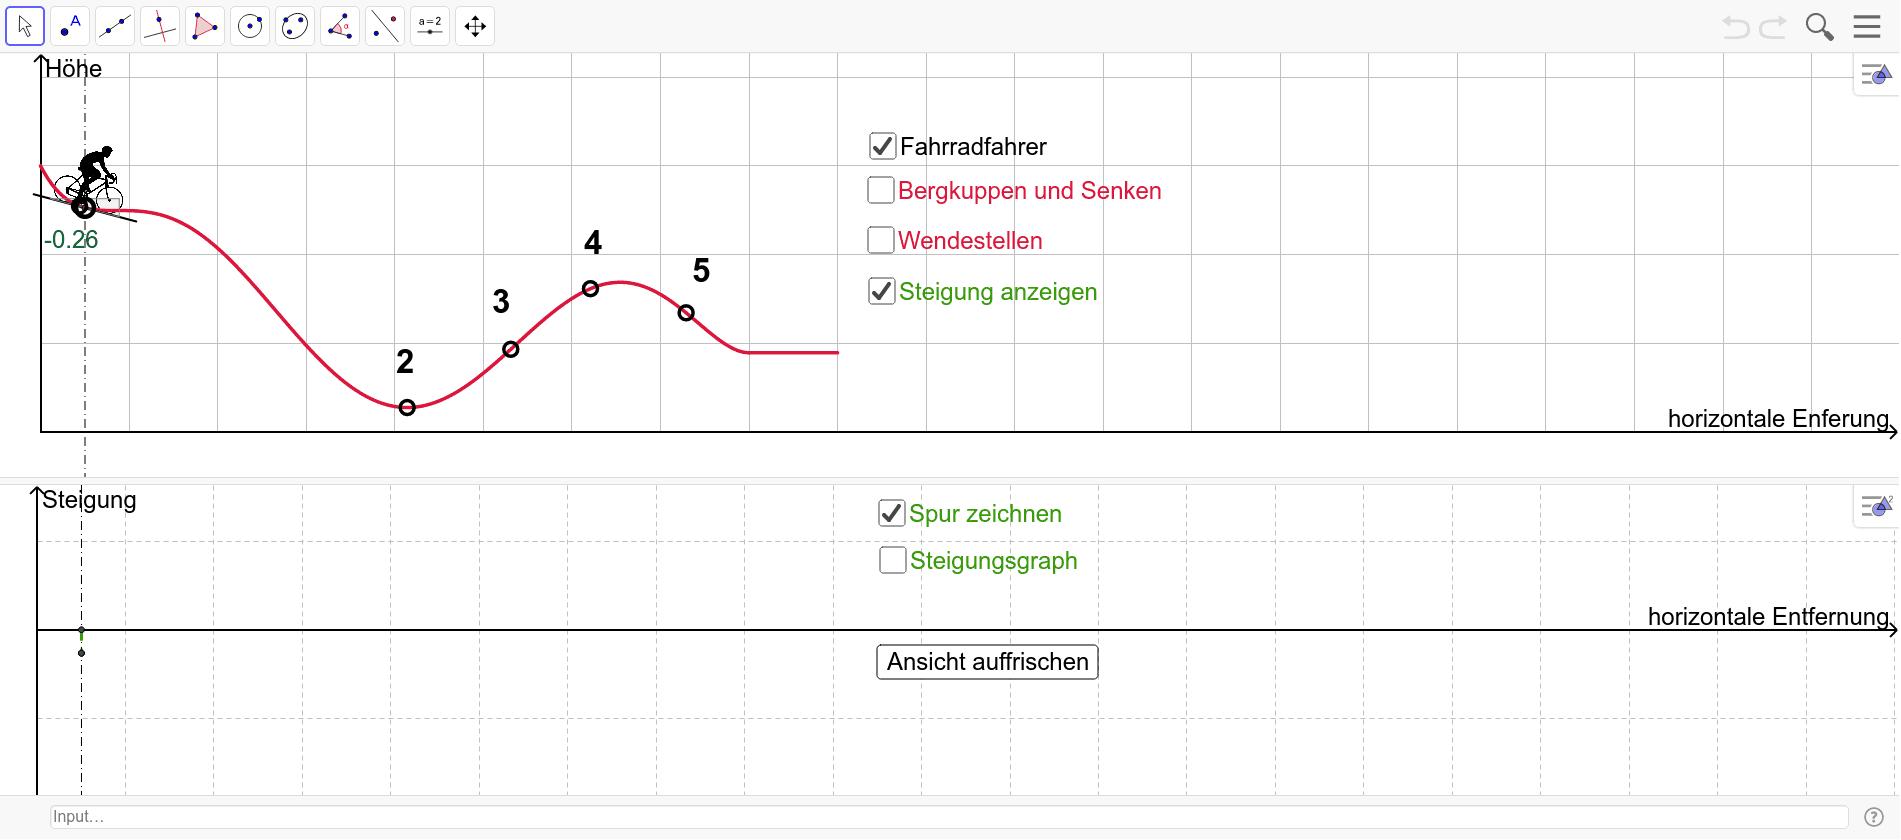 Entstehung eines Steigungsgraphen Drücke die Eingabetaste um die Aktivität zu starten